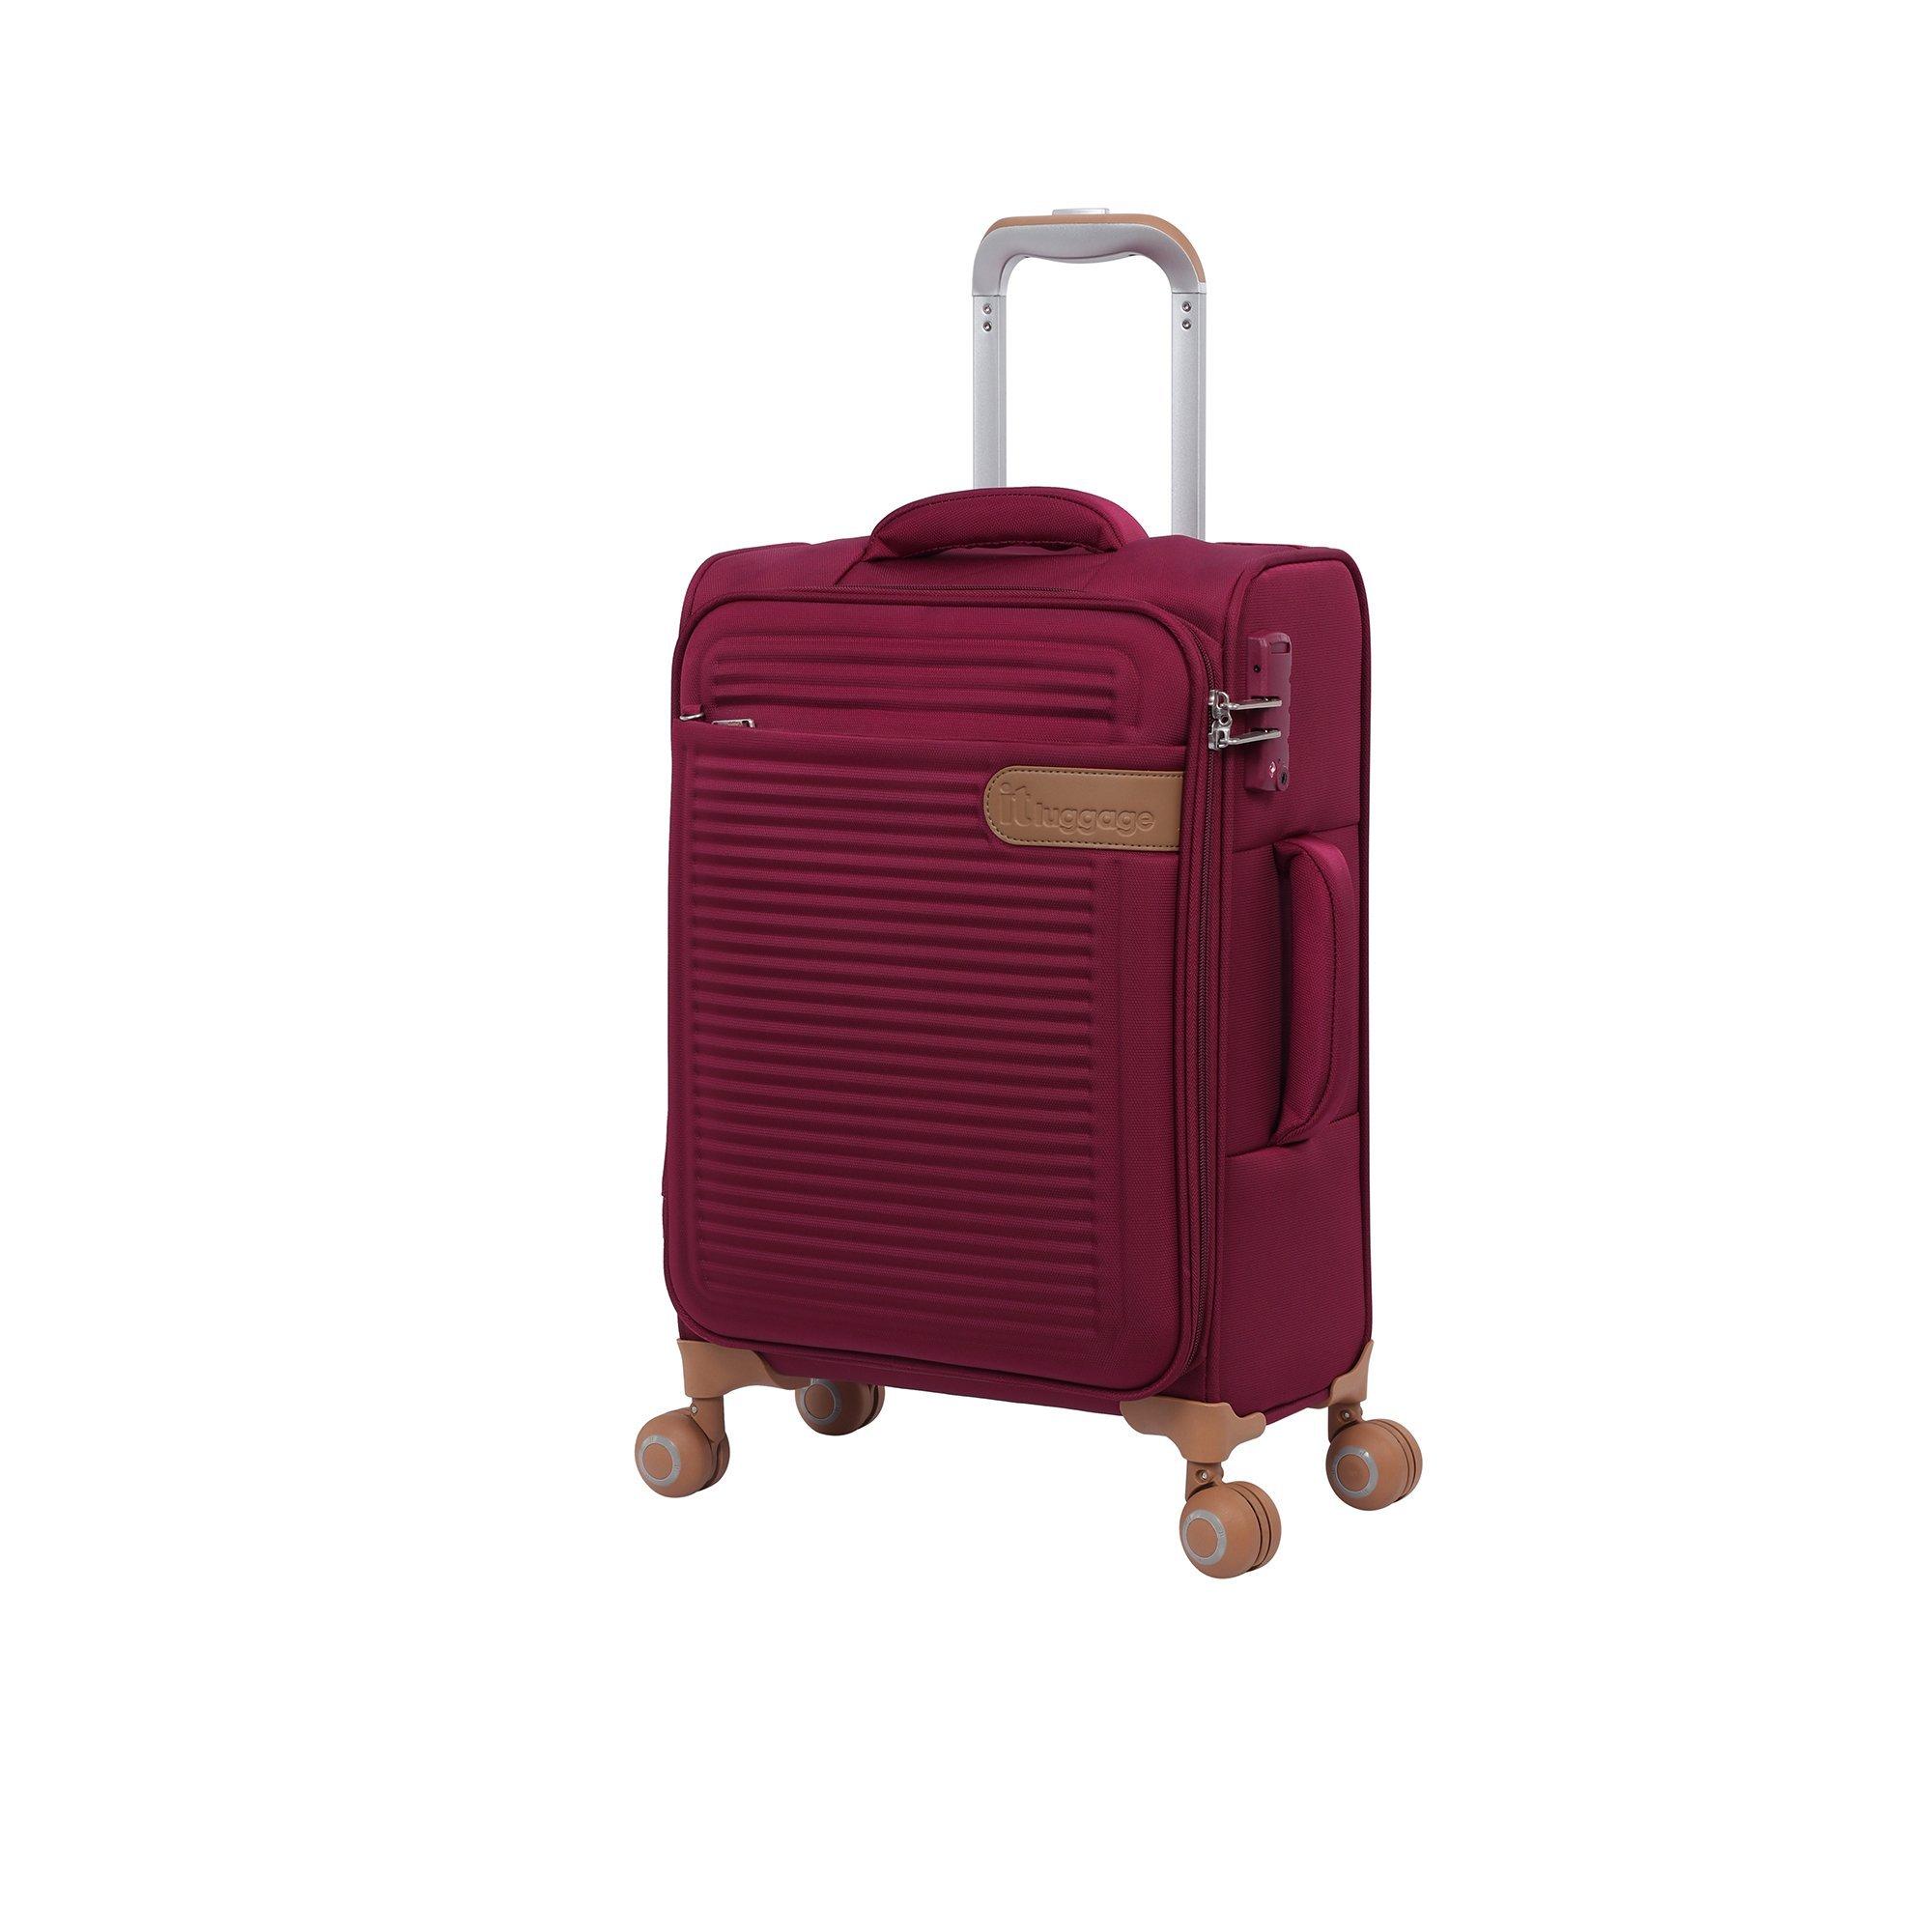 Image of IT Luggage Radiate 8 Wheel Suitcase